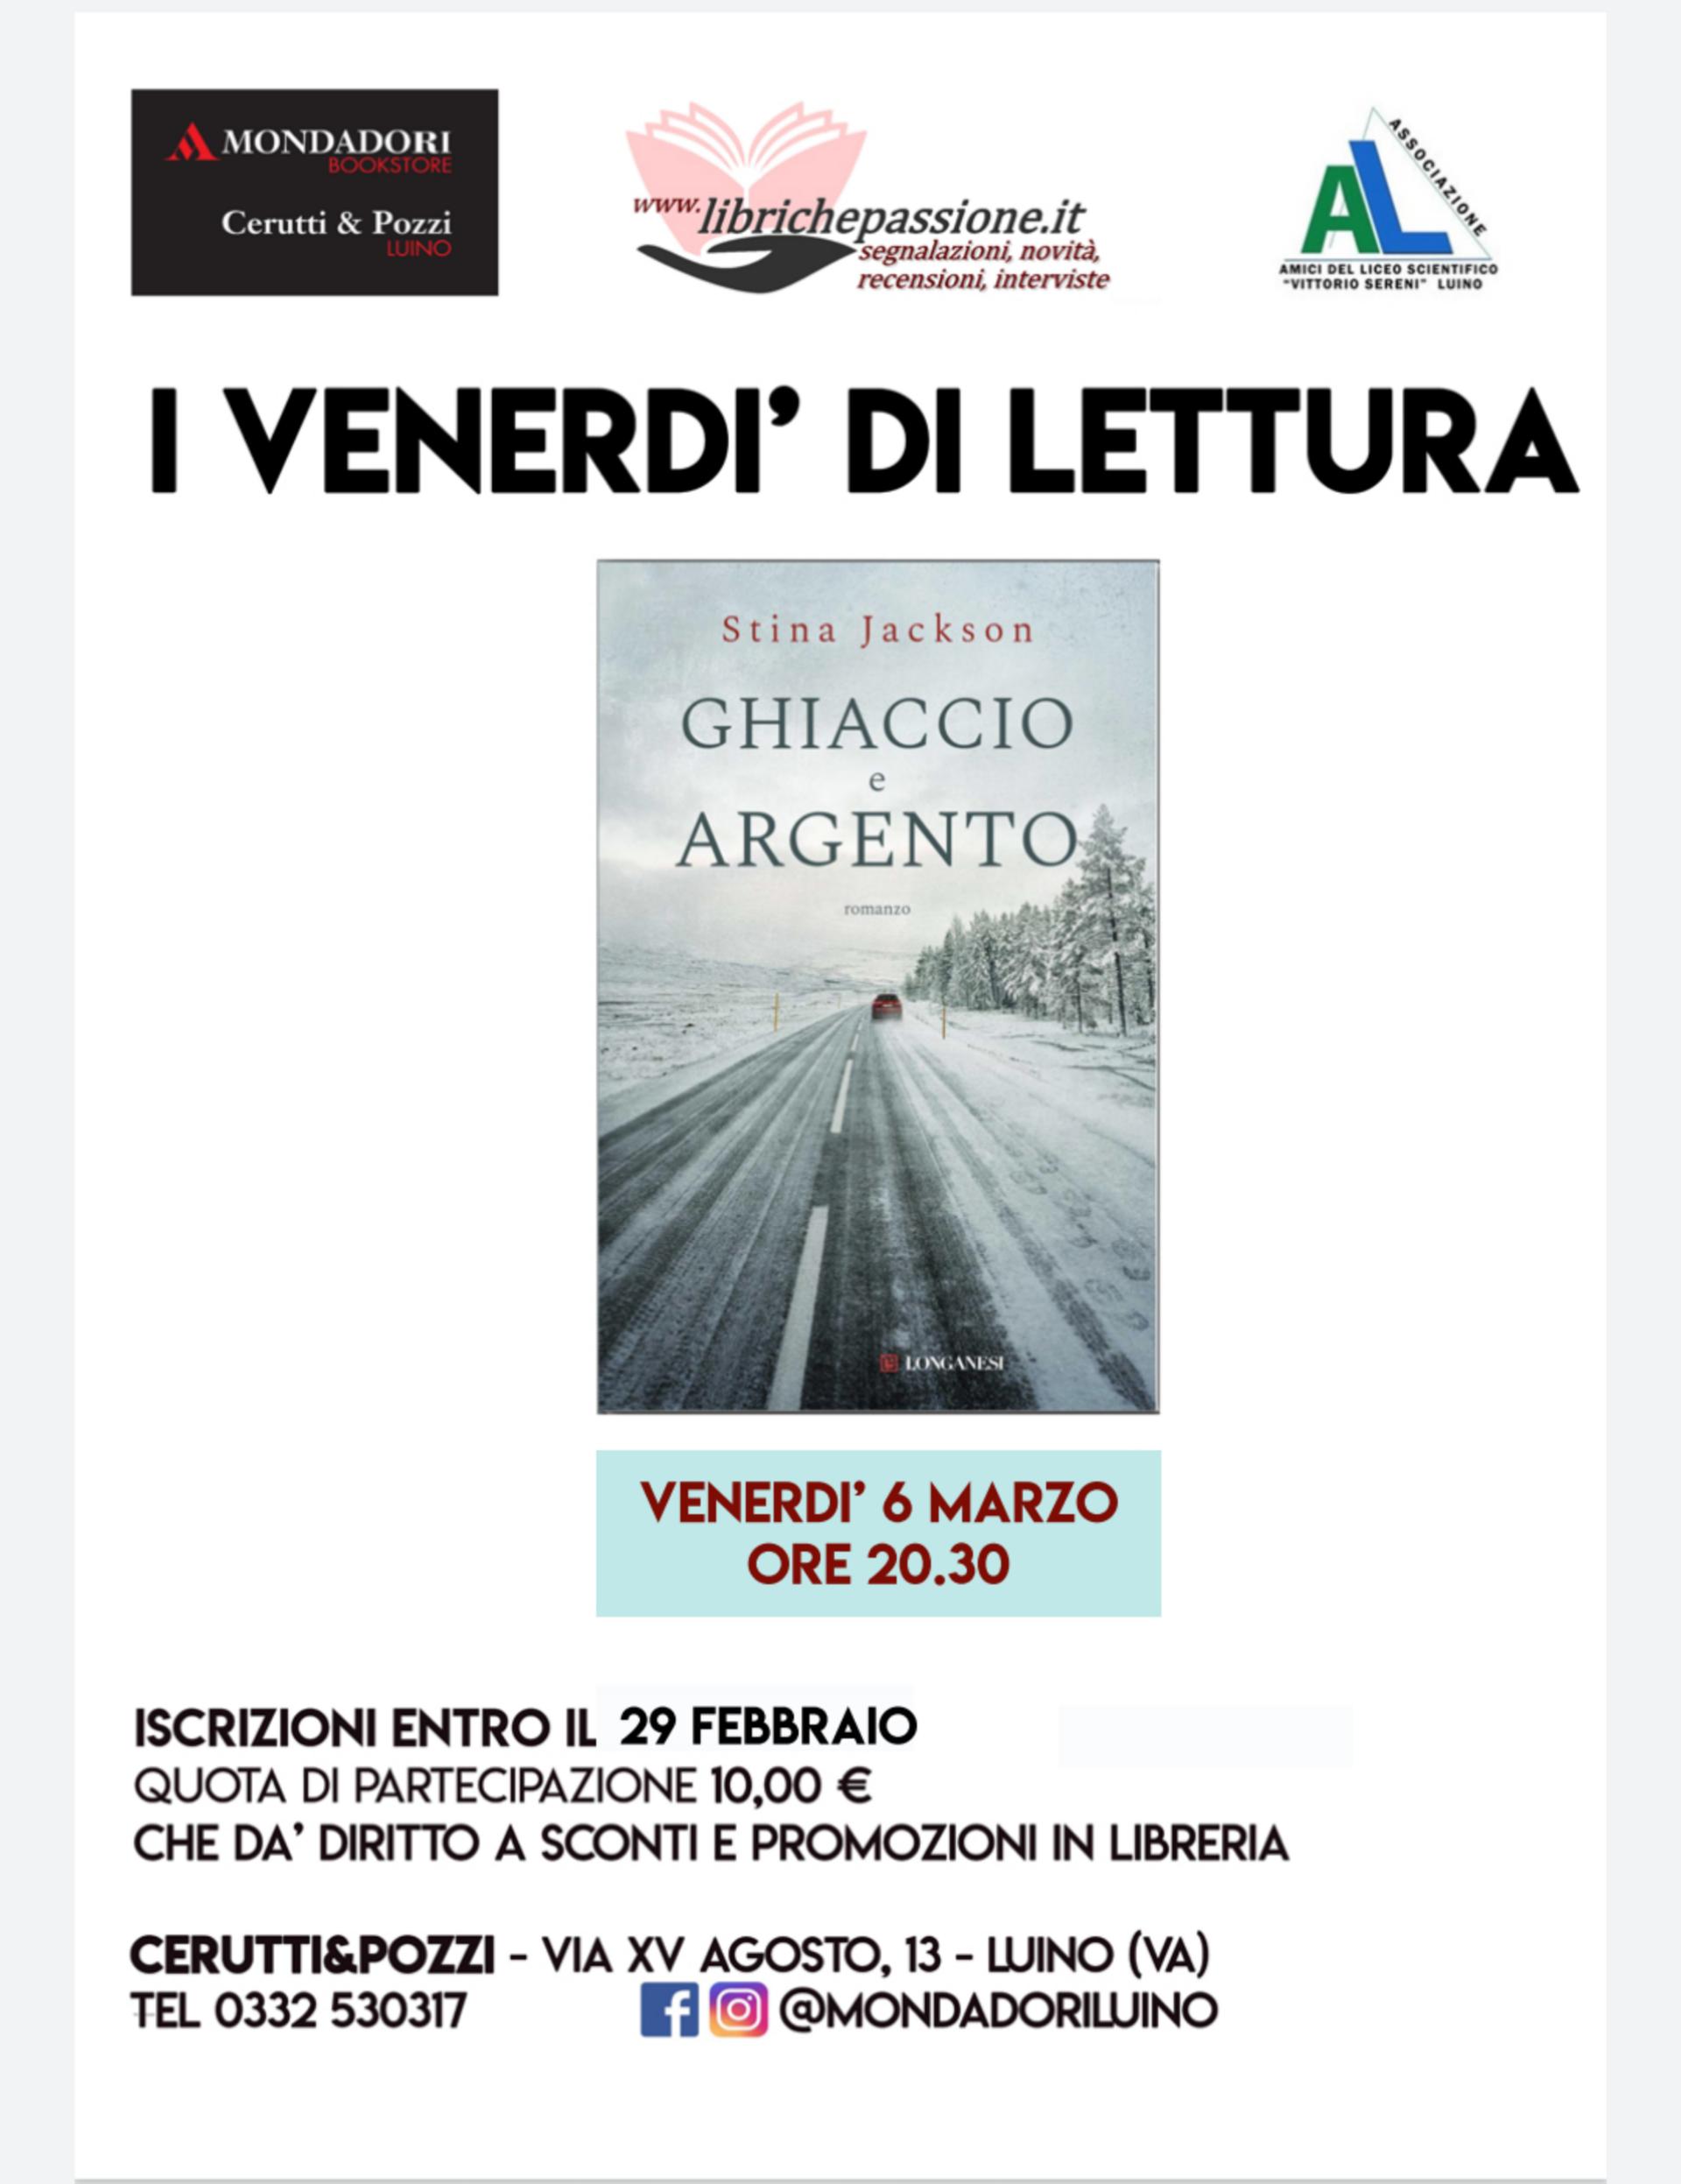 Nuovo appuntamento con gli incontri di lettura presso la libreria Mondadori Bookstore di Luino.